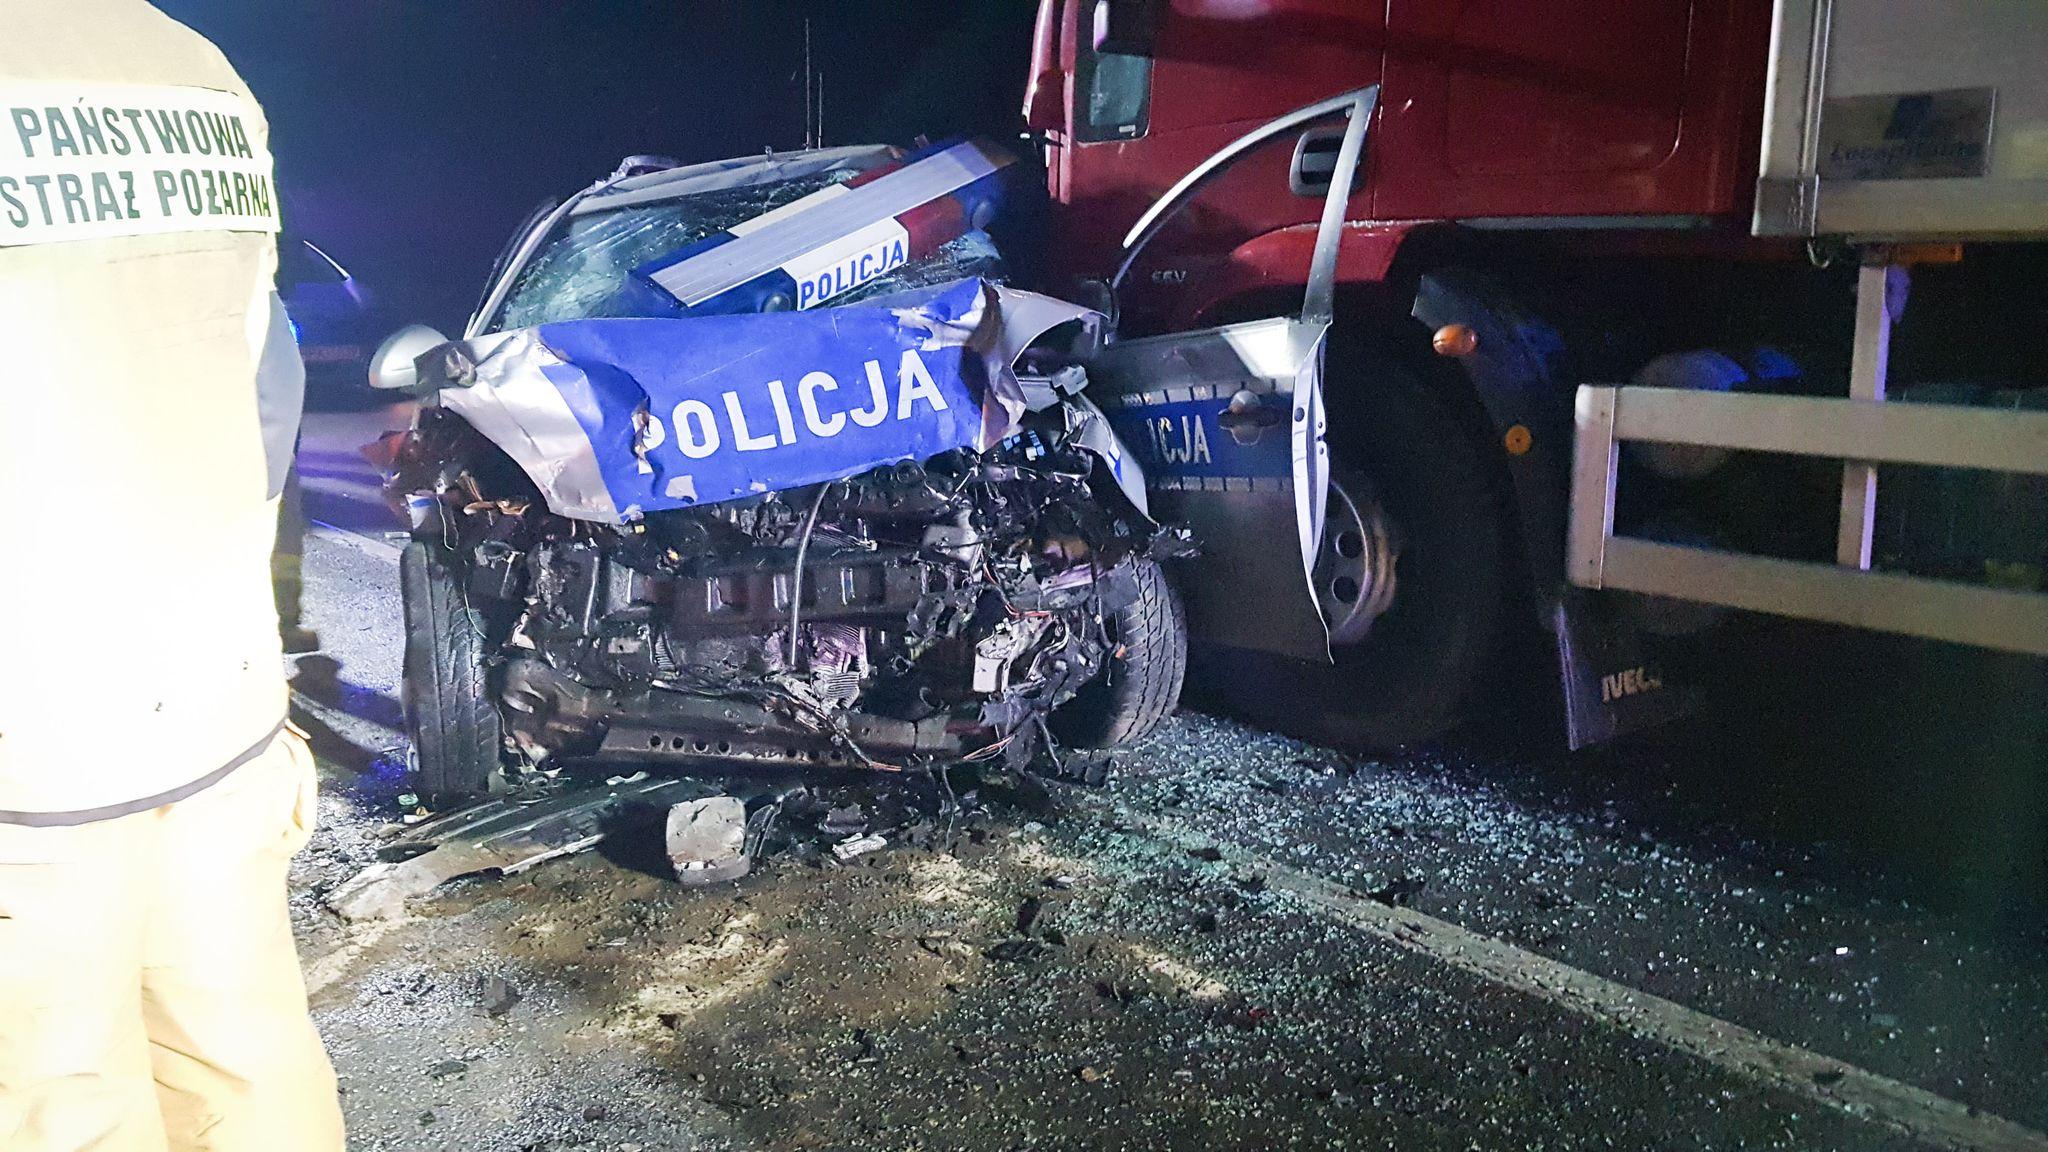 Dramatyczny pościg policyjny! Mężczyzna nie przeżył wypadku [FOTO] - Zdjęcie główne